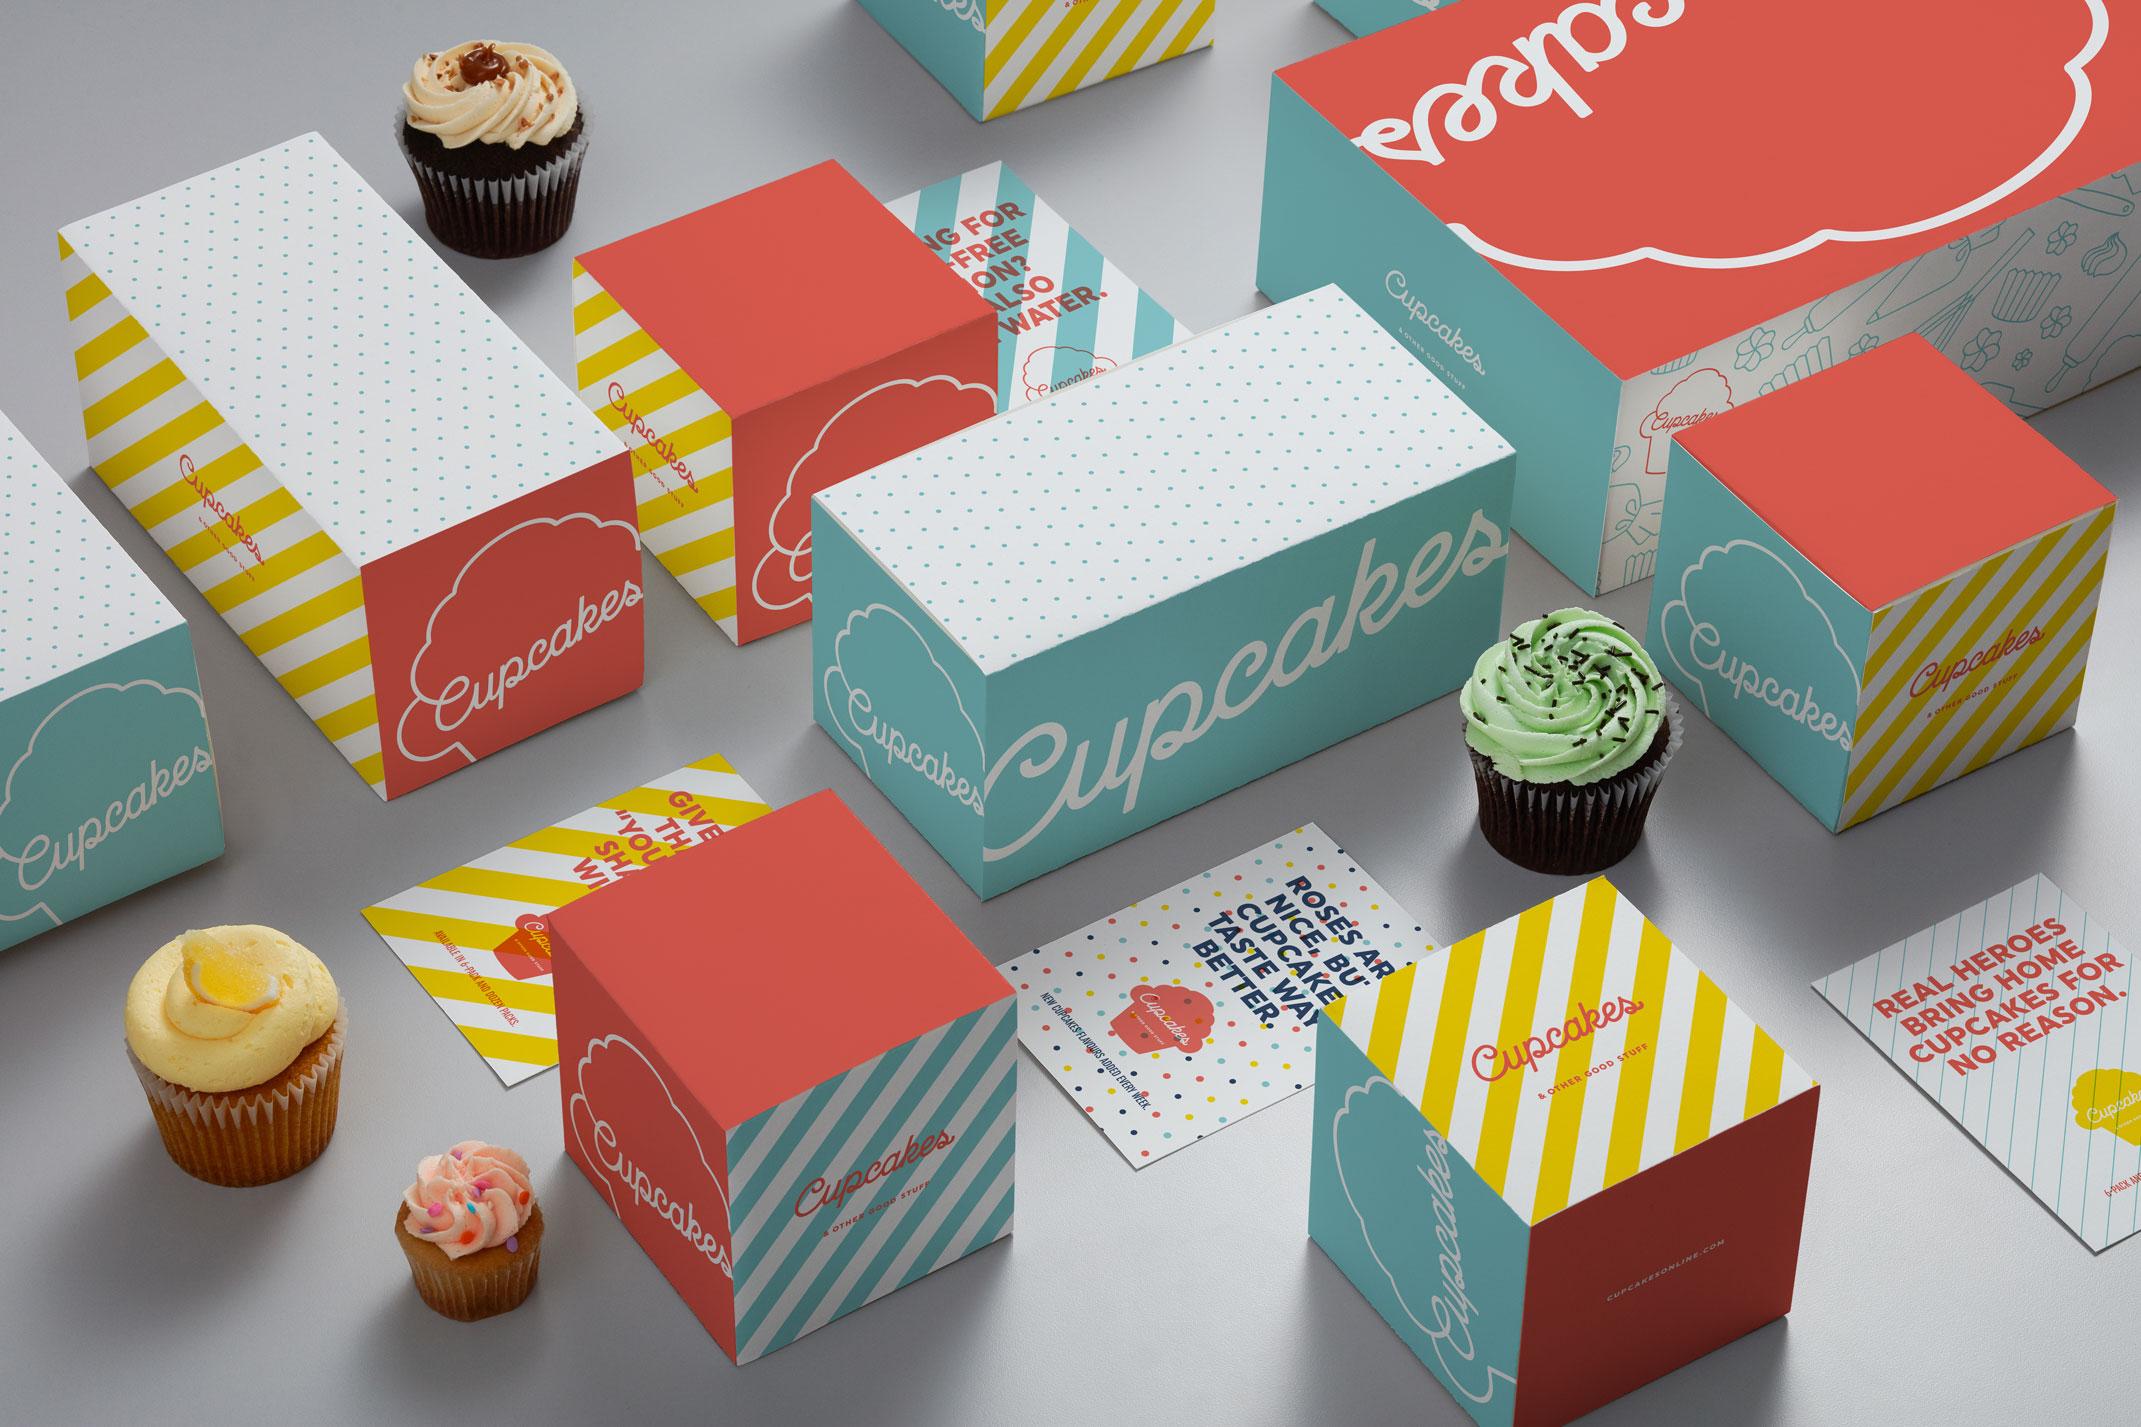 Cupcakes-Packaging-Iso-Large.jpg